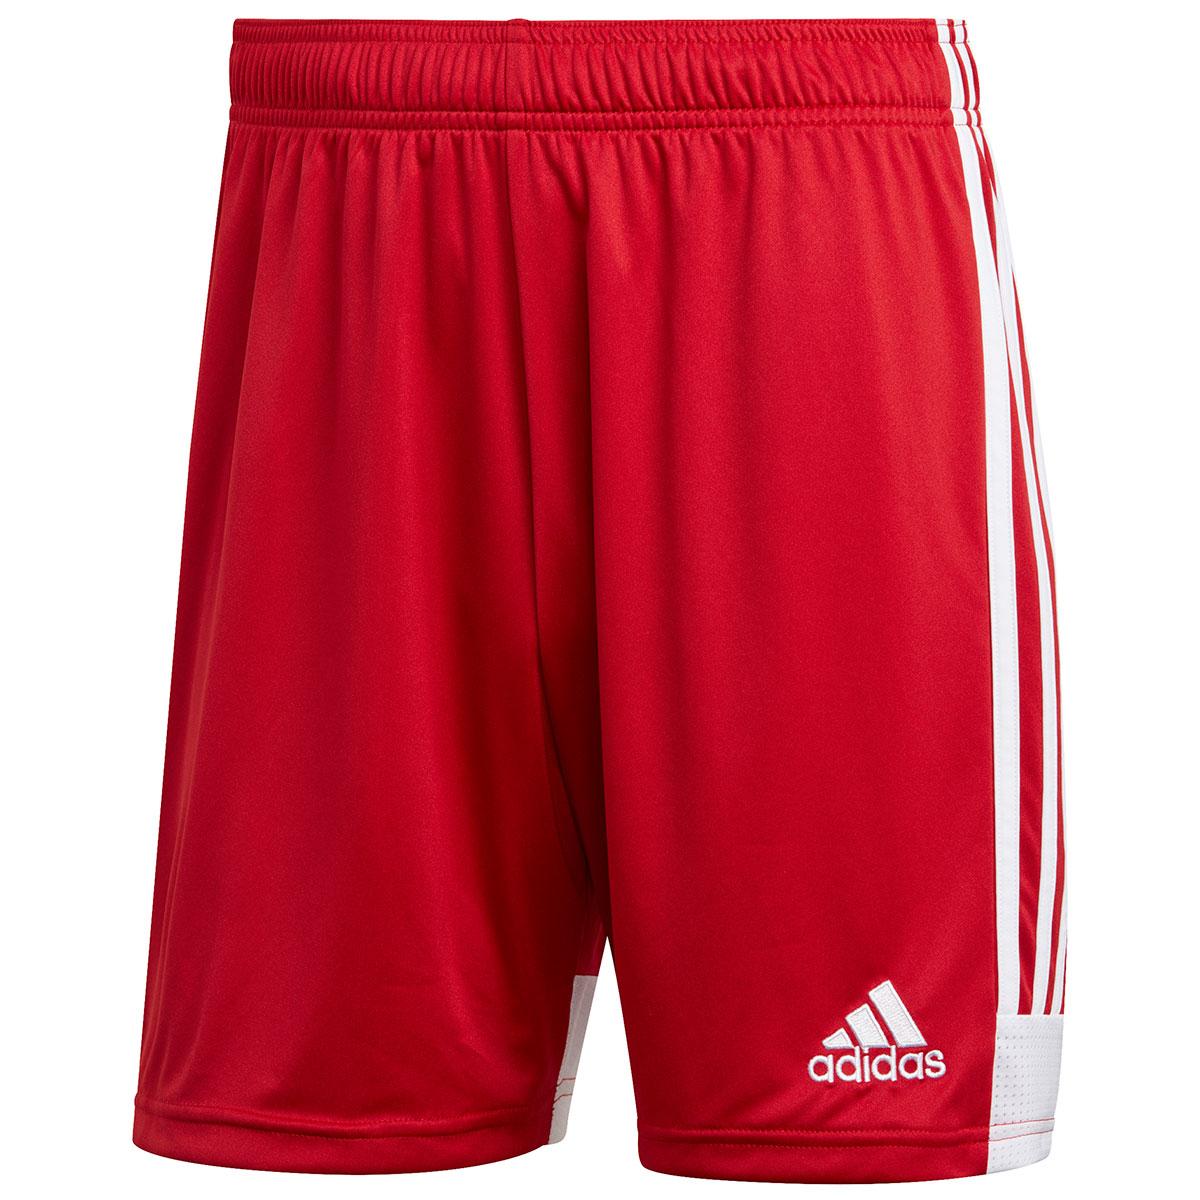 Adidas Men's Tastigo 19 Shorts - Red, XXL